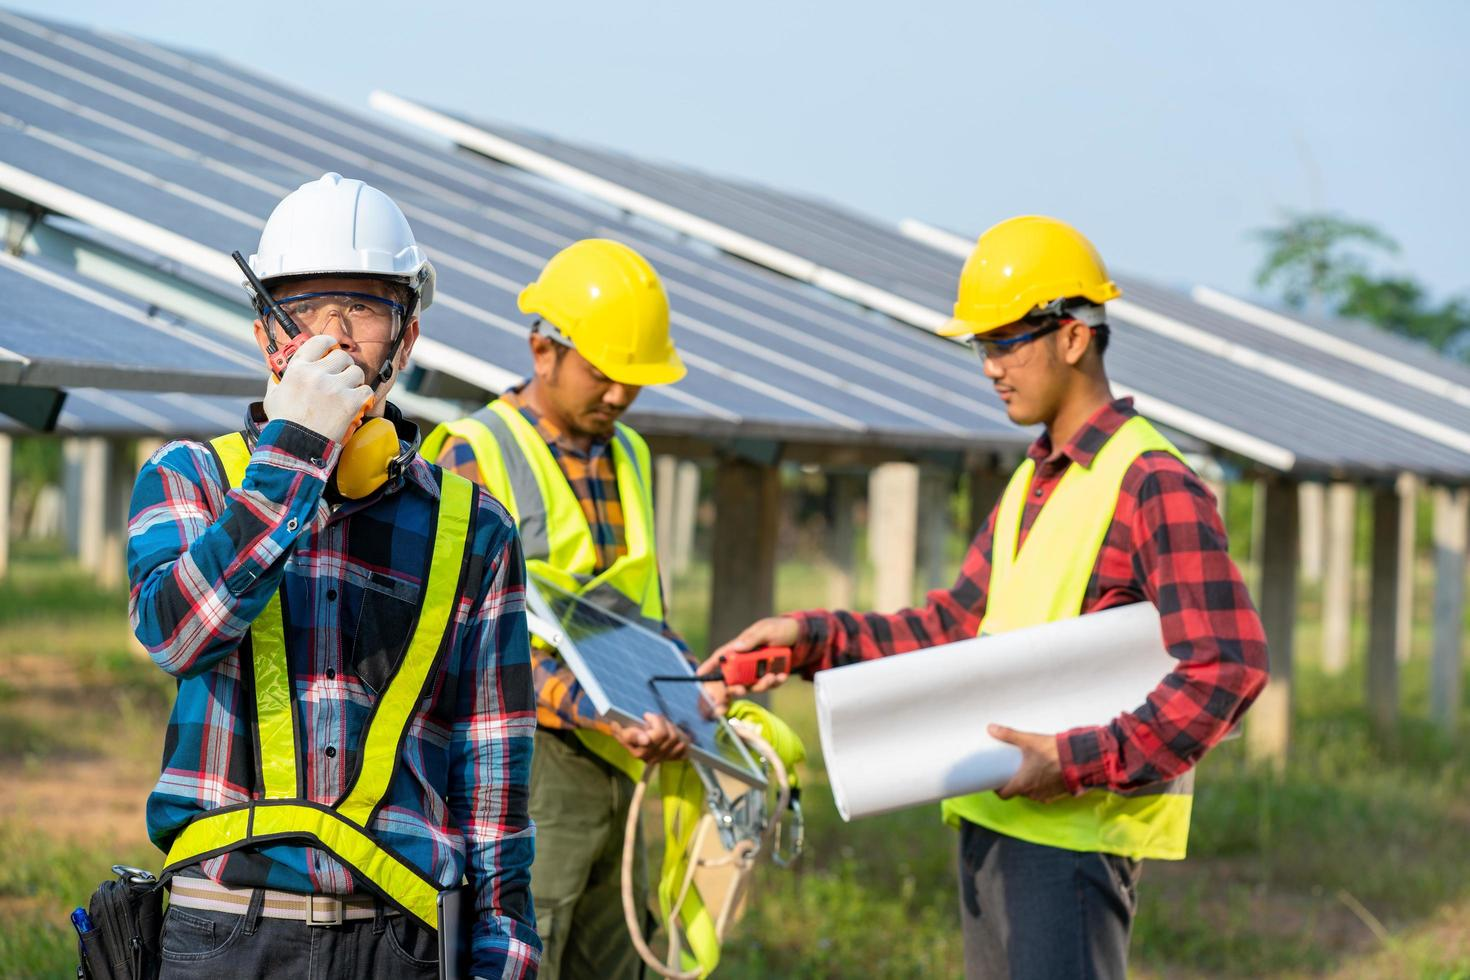 hommes portant des équipements de sécurité à côté de panneaux solaires photo